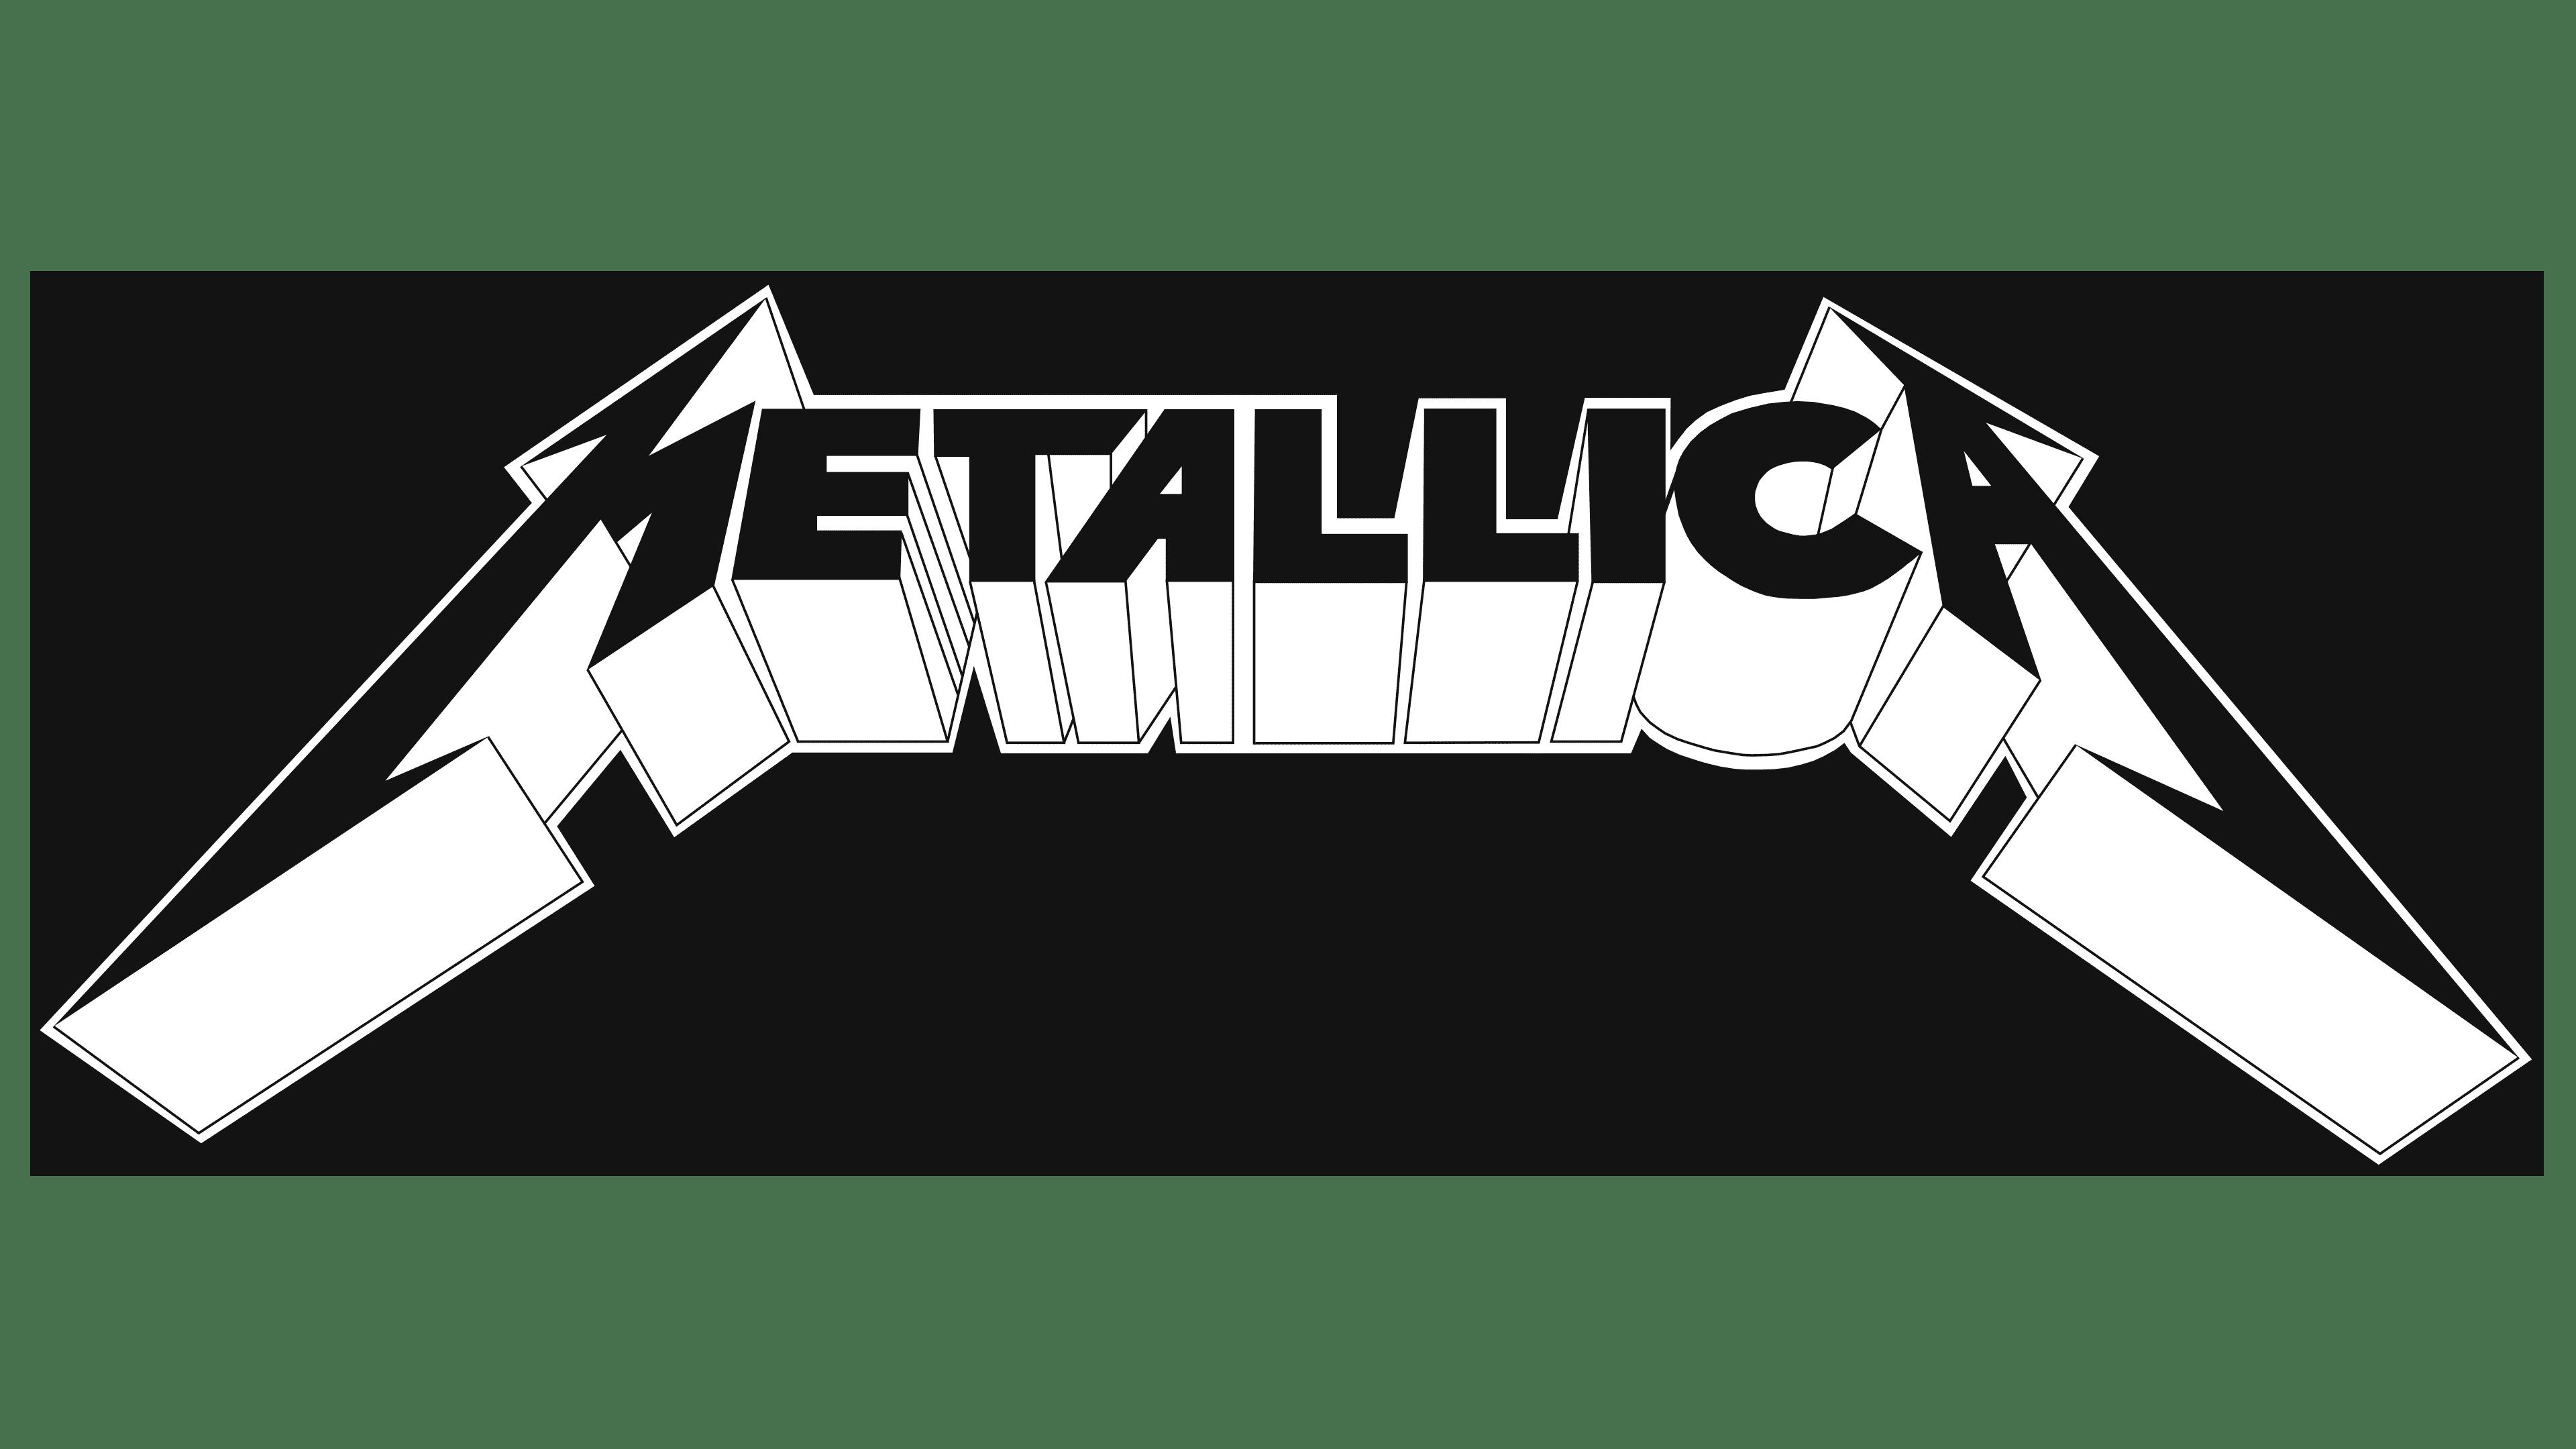 Metallica Logo | Significado, História e PNG